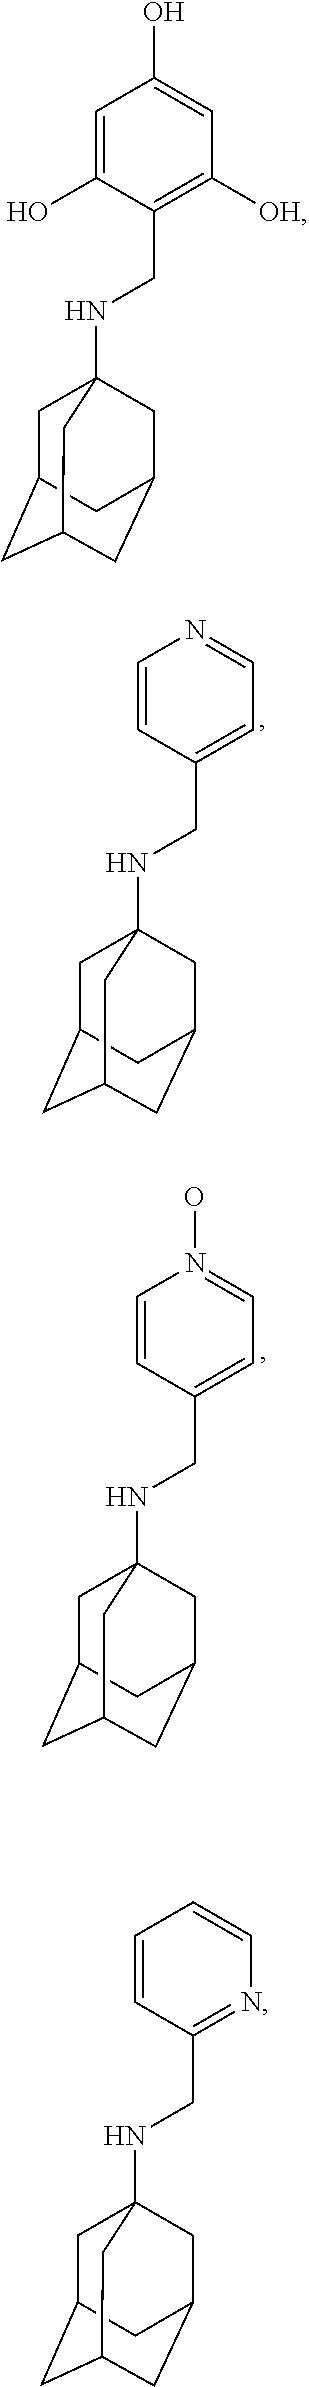 Figure US09884832-20180206-C00121